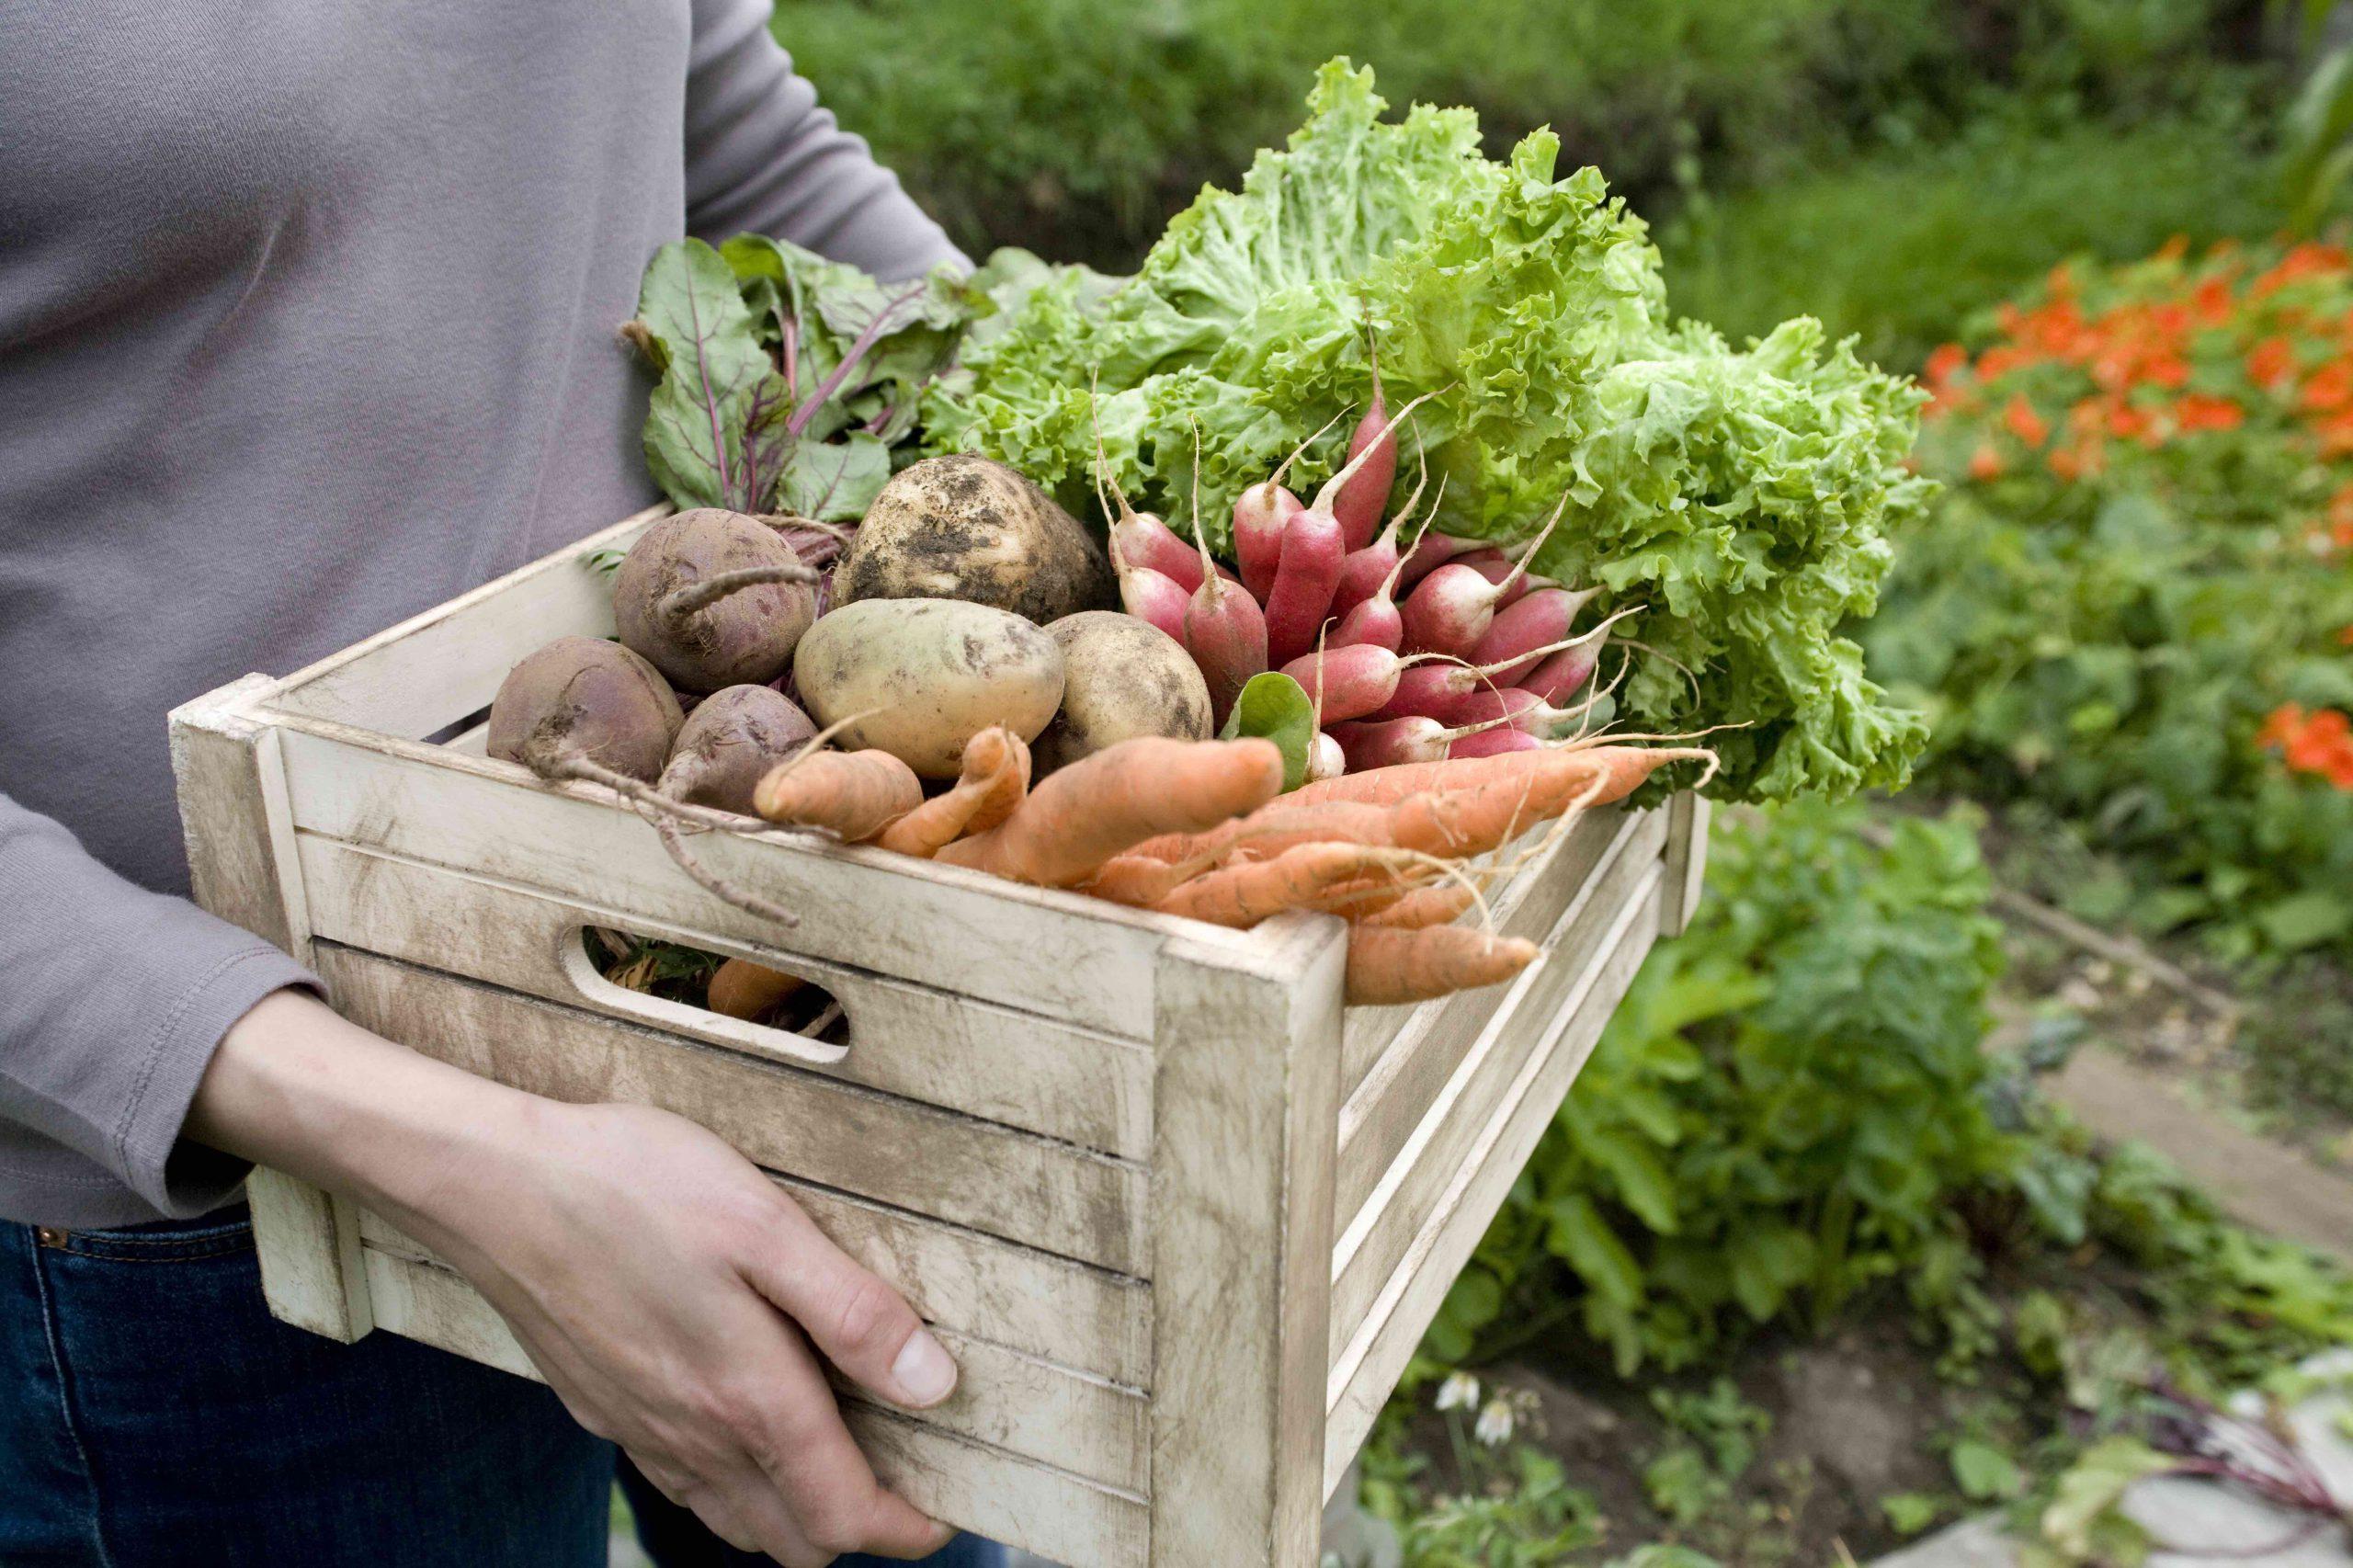 Frau trägt Kiste mit Gemüse